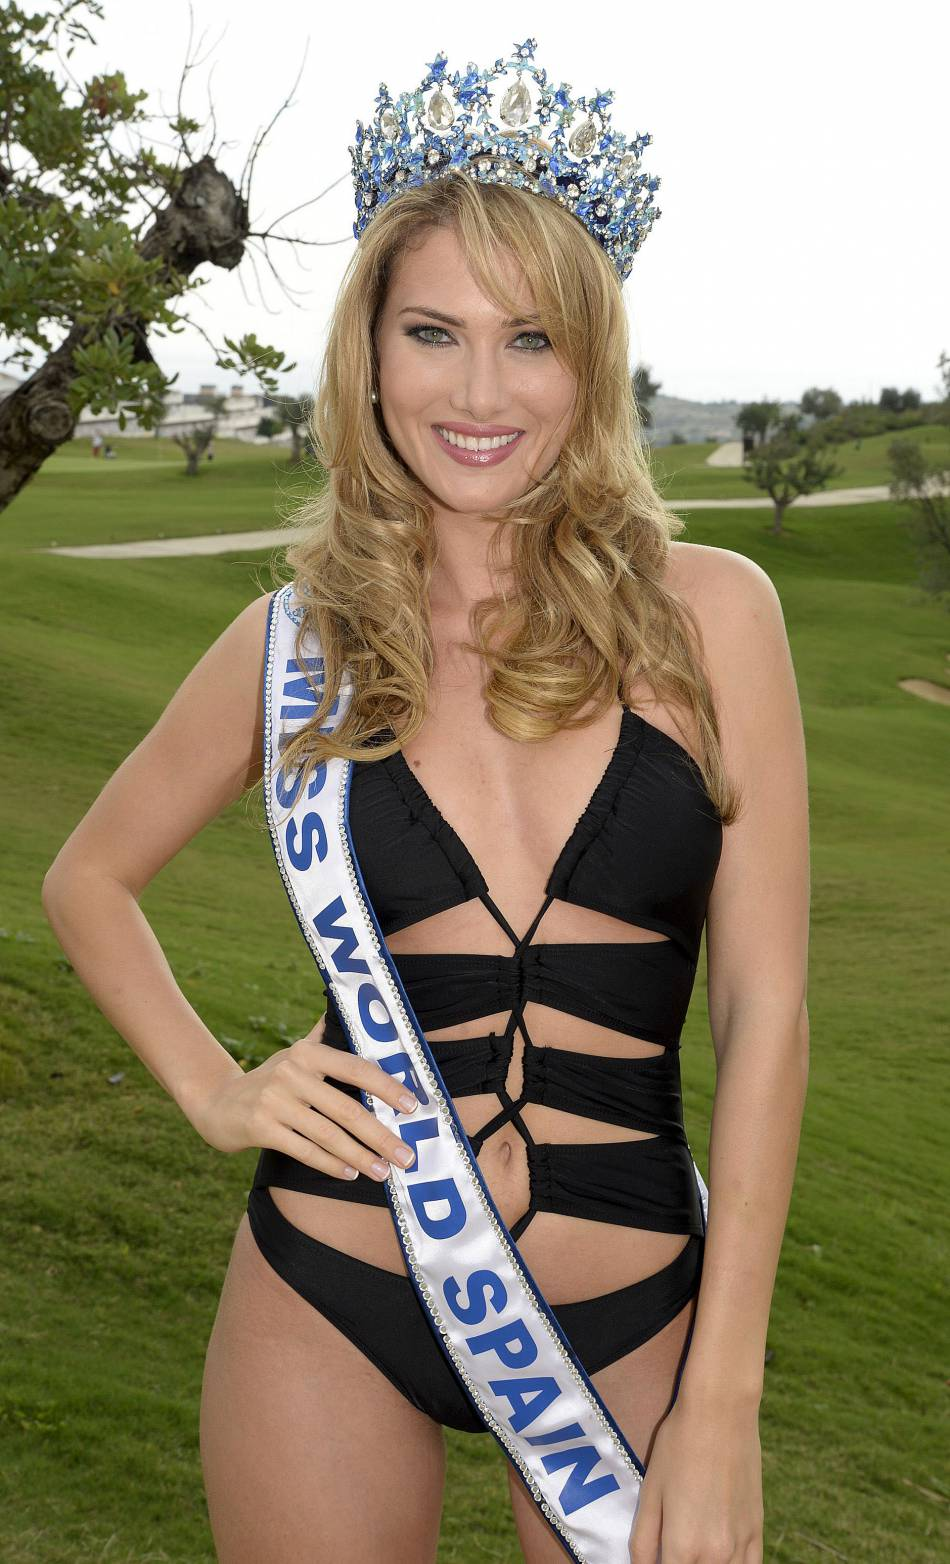 Miss Espagne (Mireia Lalaguna Royo) remporte la si convoité couronne de Miss Monde 2015.